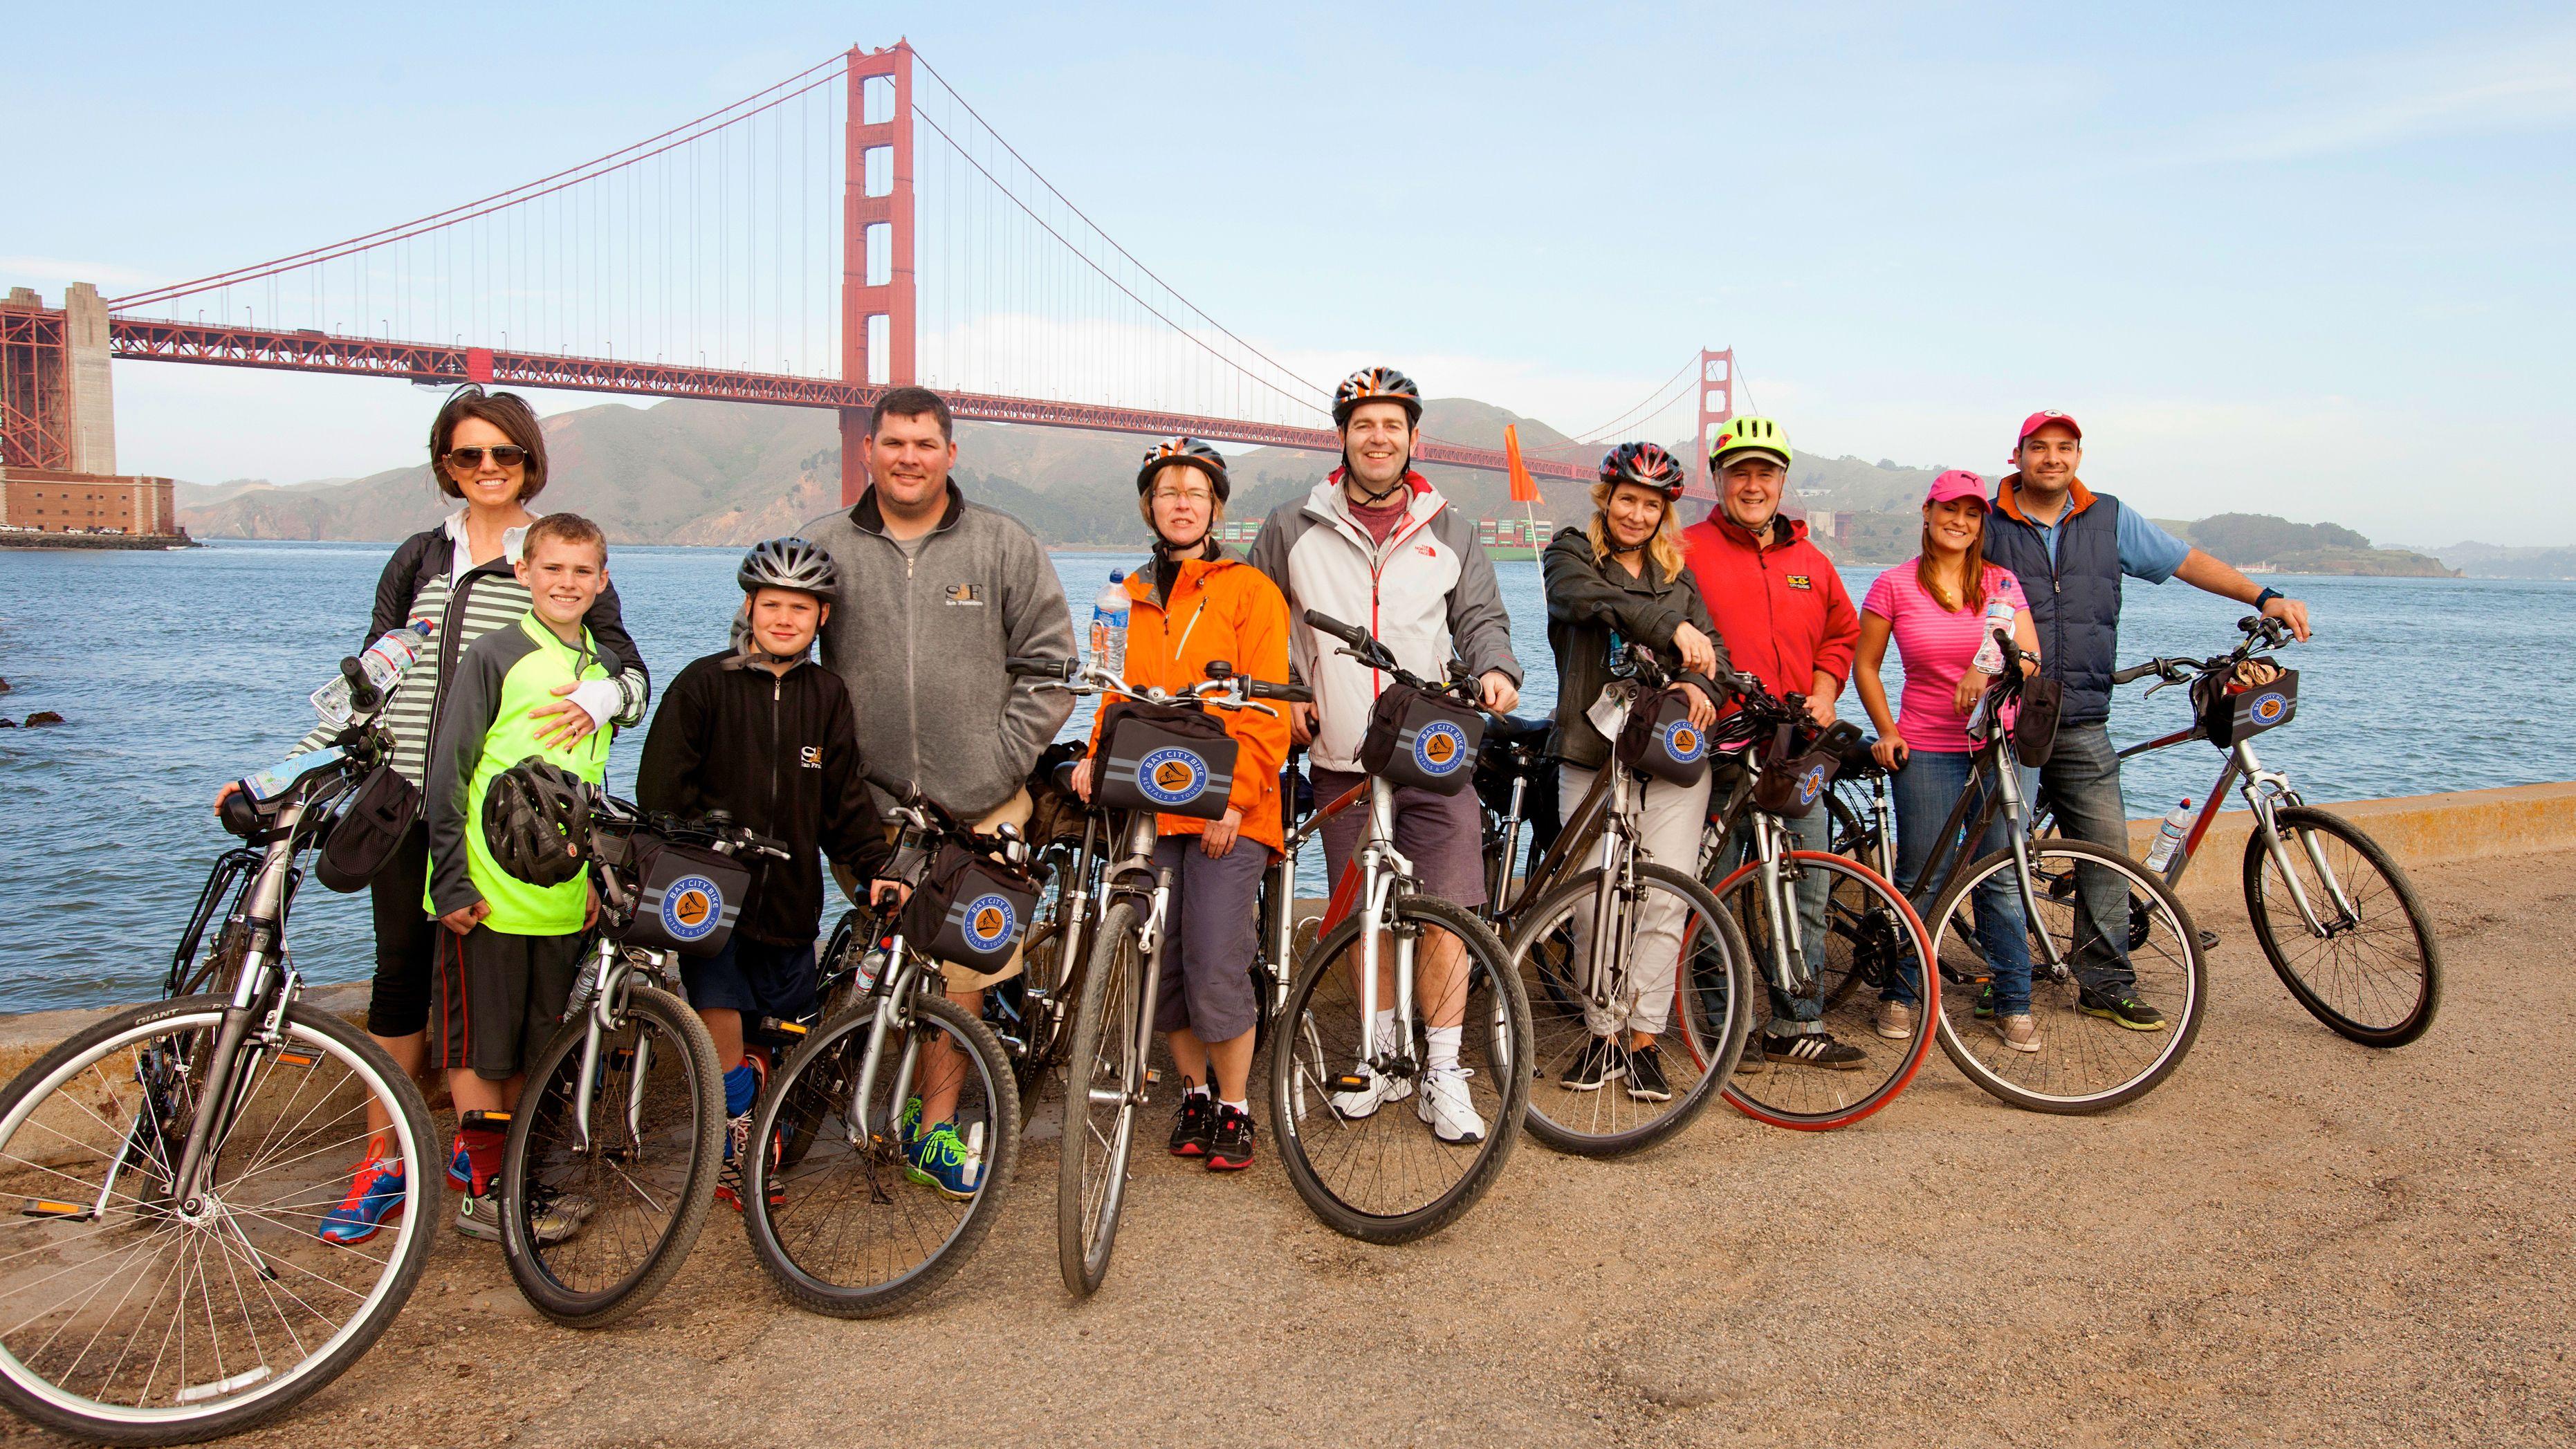 Visite guidée à vélo du pont du Golden Gate à Sausalito